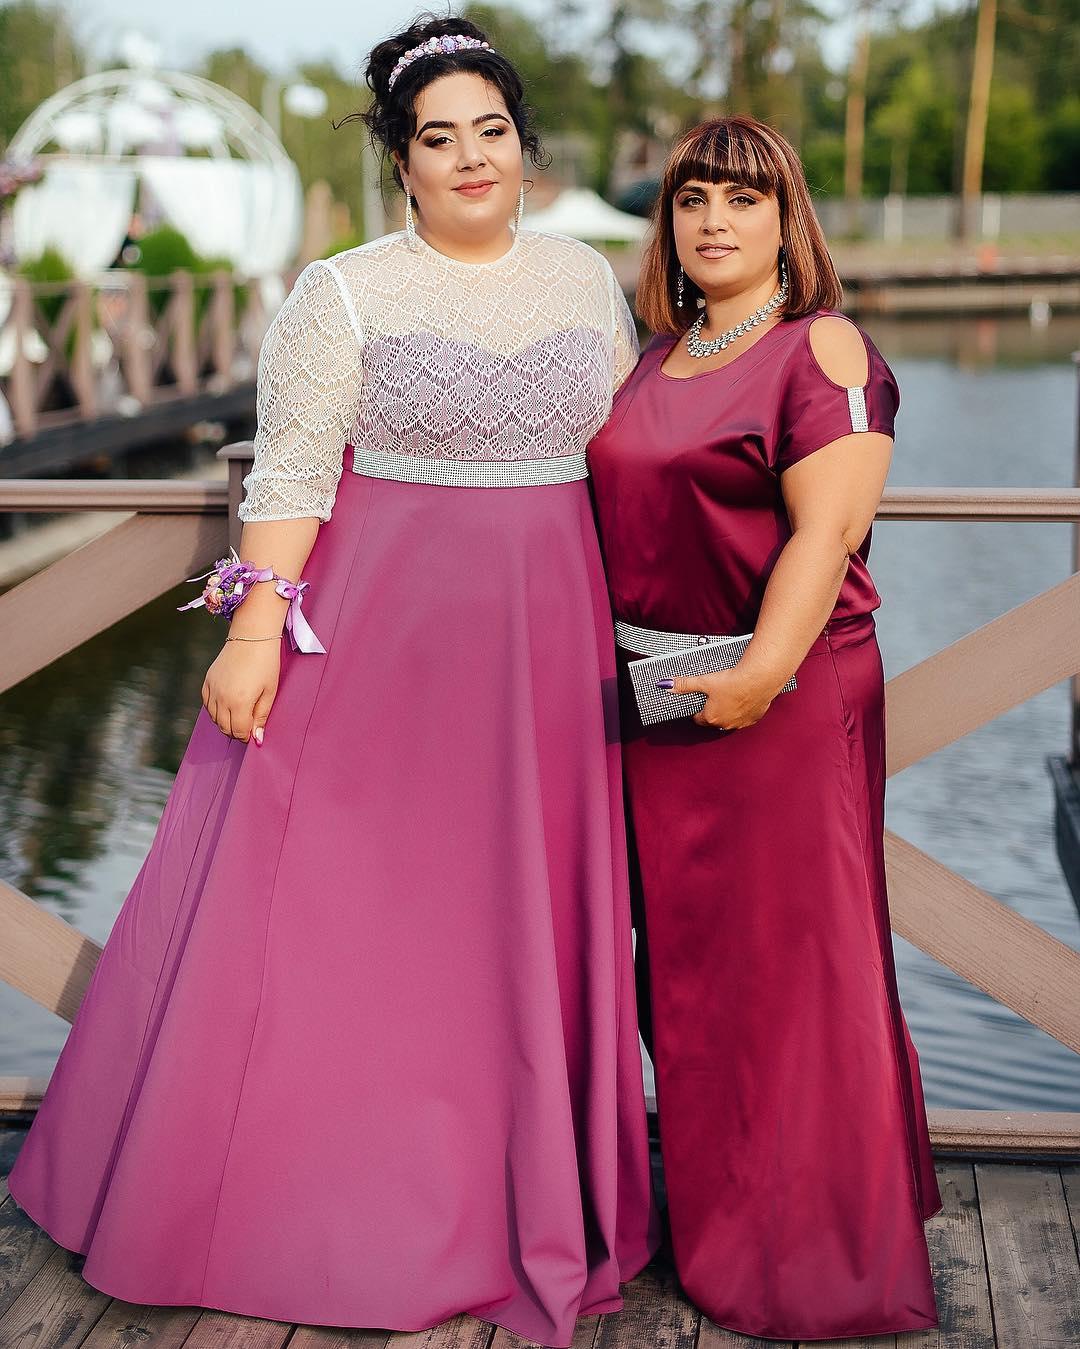 София Броян с мамой до похудения